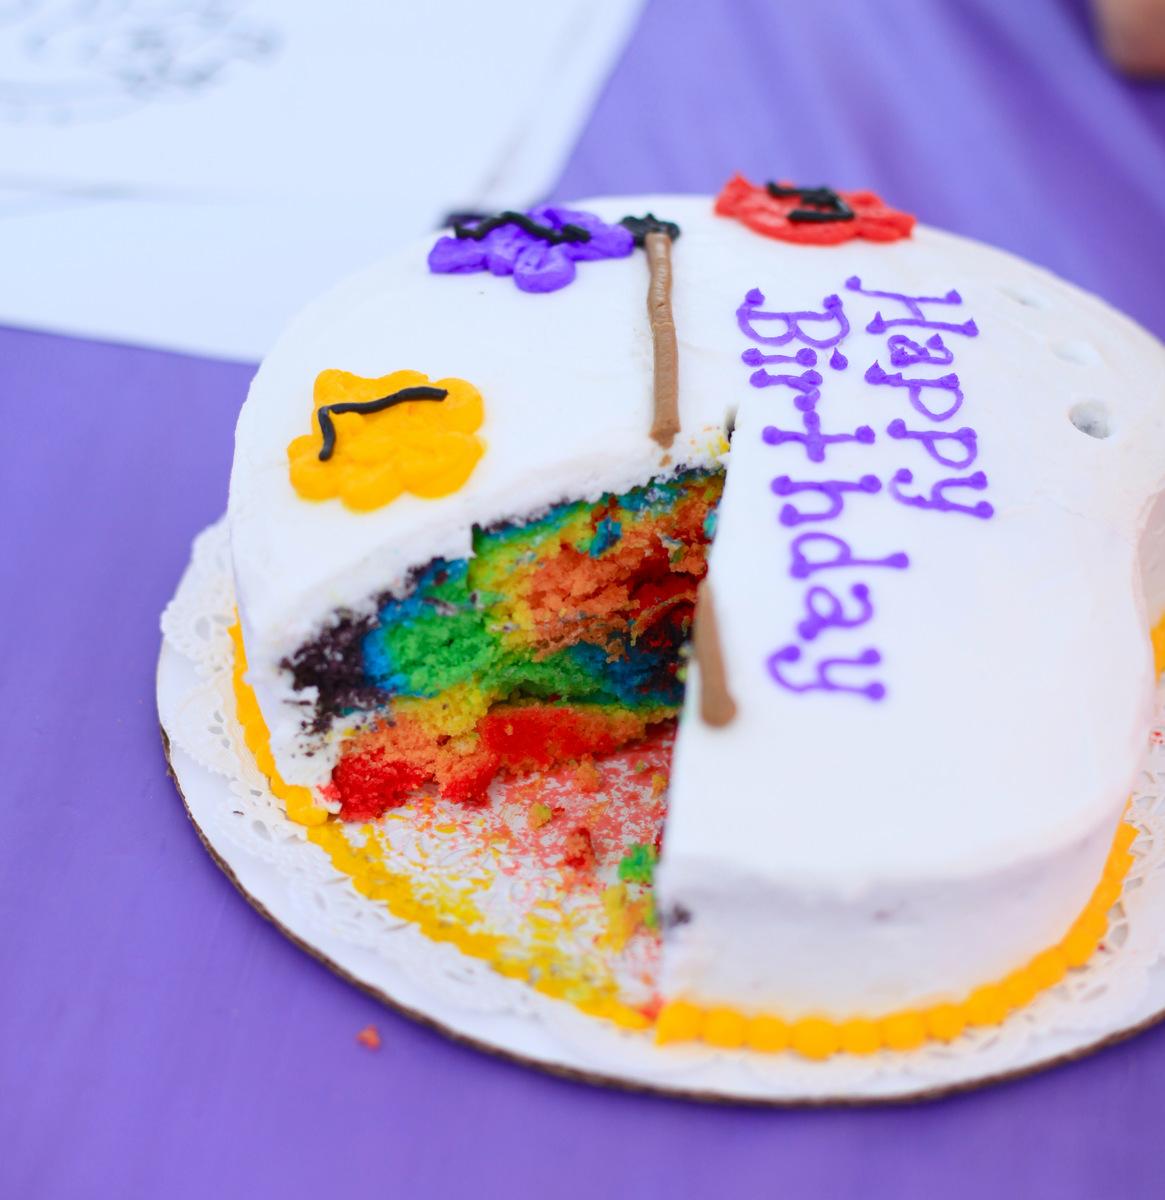 Invite and Delight: Amazing Rainbow Cake - photo#15